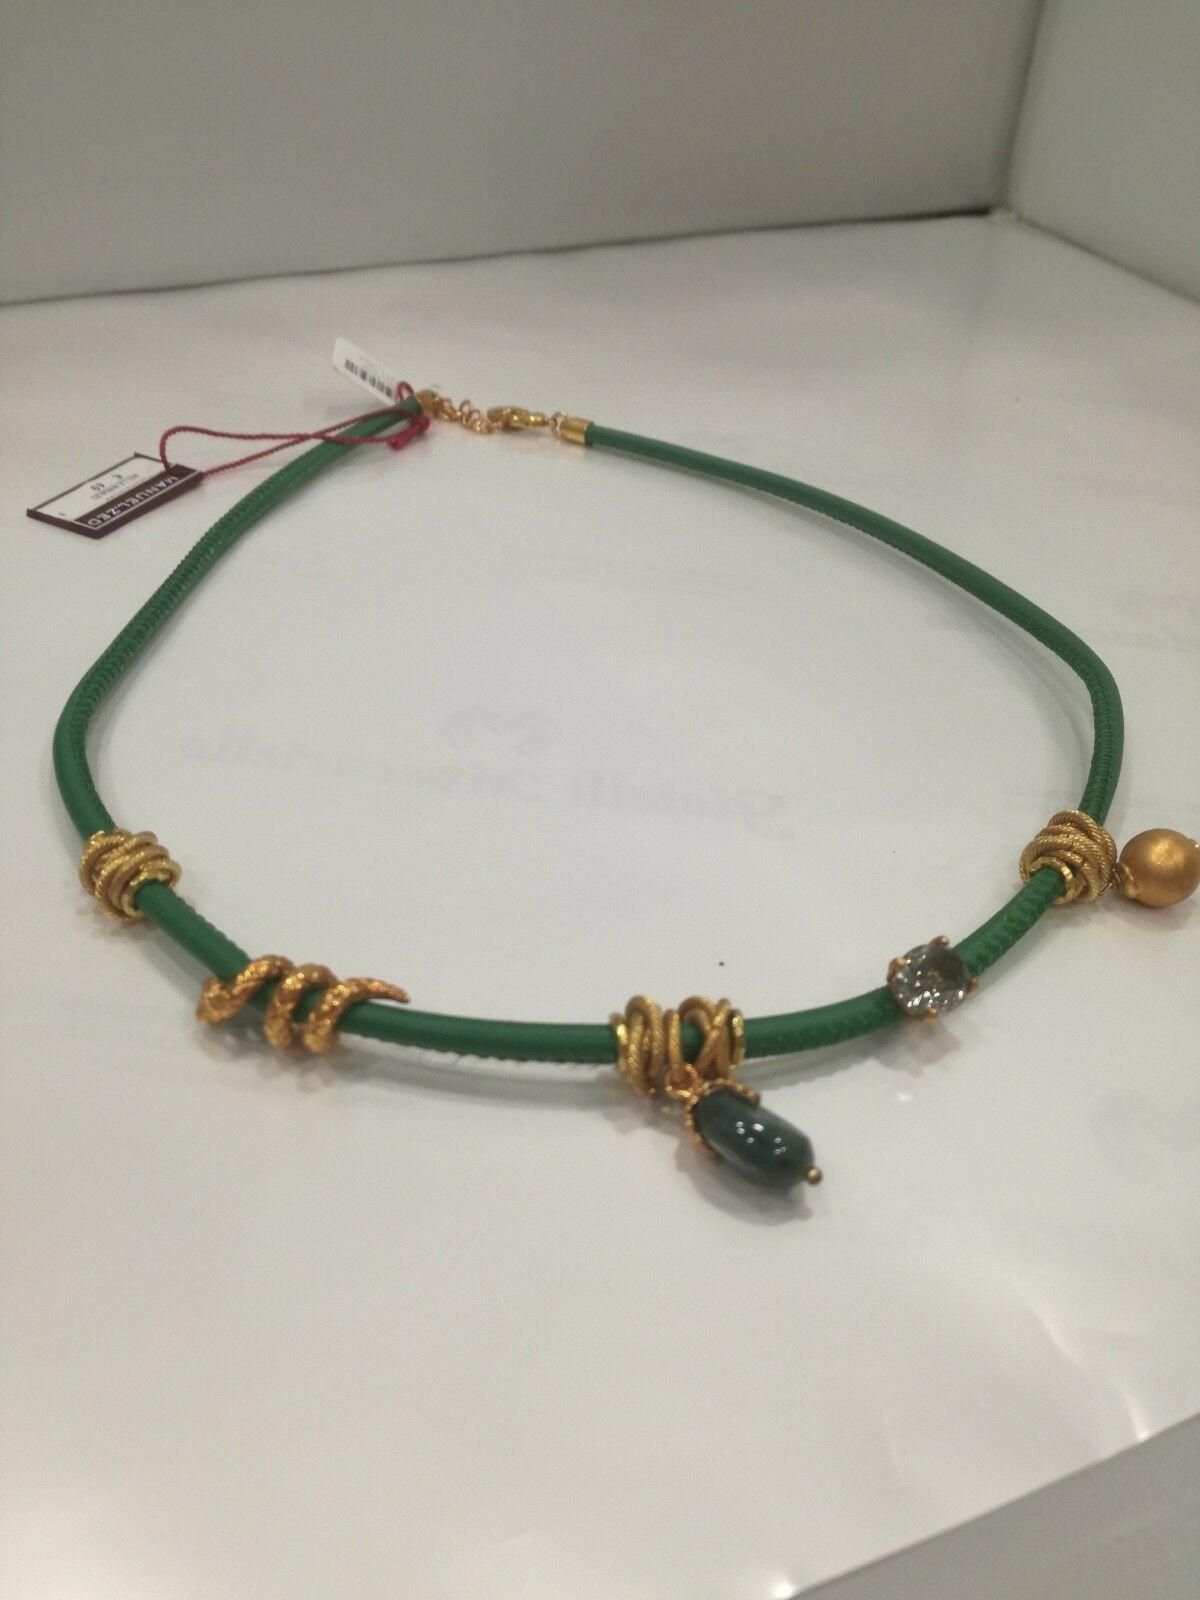 Girocollo Collana donna in pelle verde con charm L2271_0603 LISTINO 49